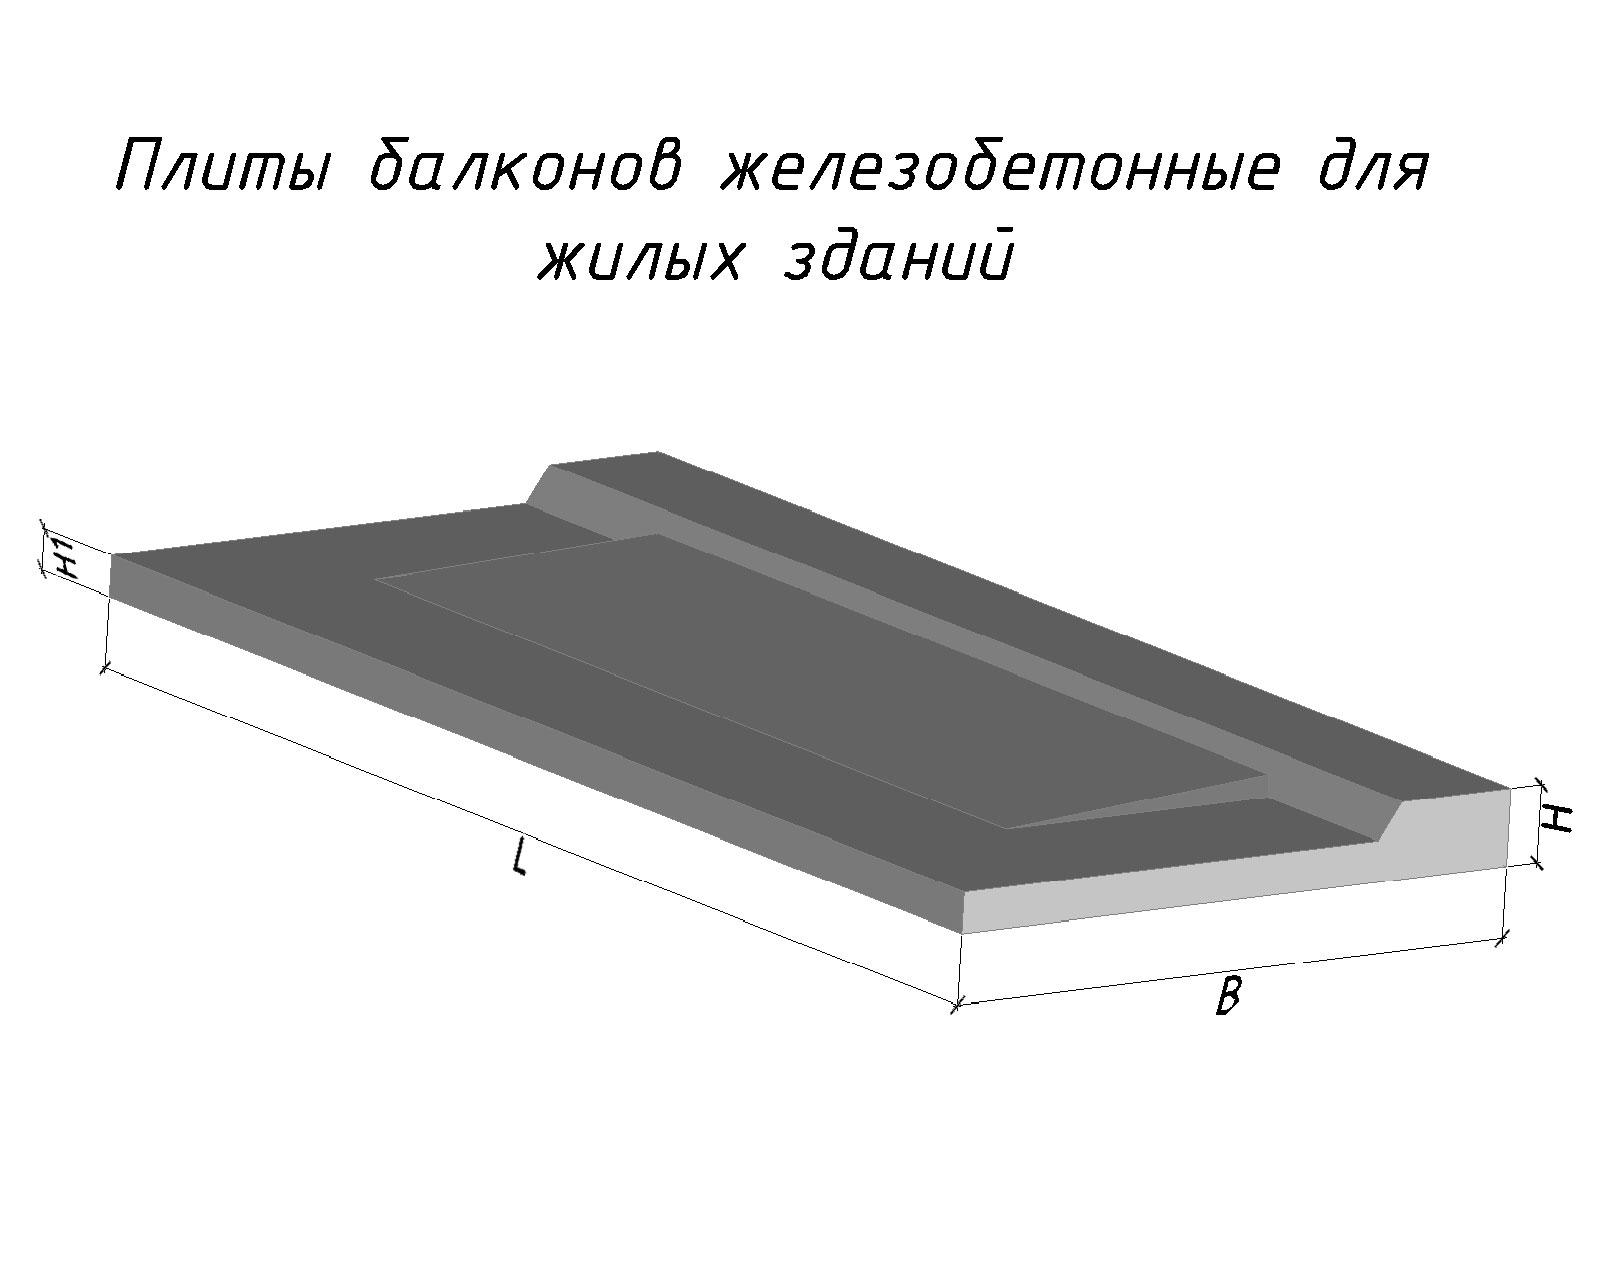 Купить плита балконная пл1а - киев - строим дом.